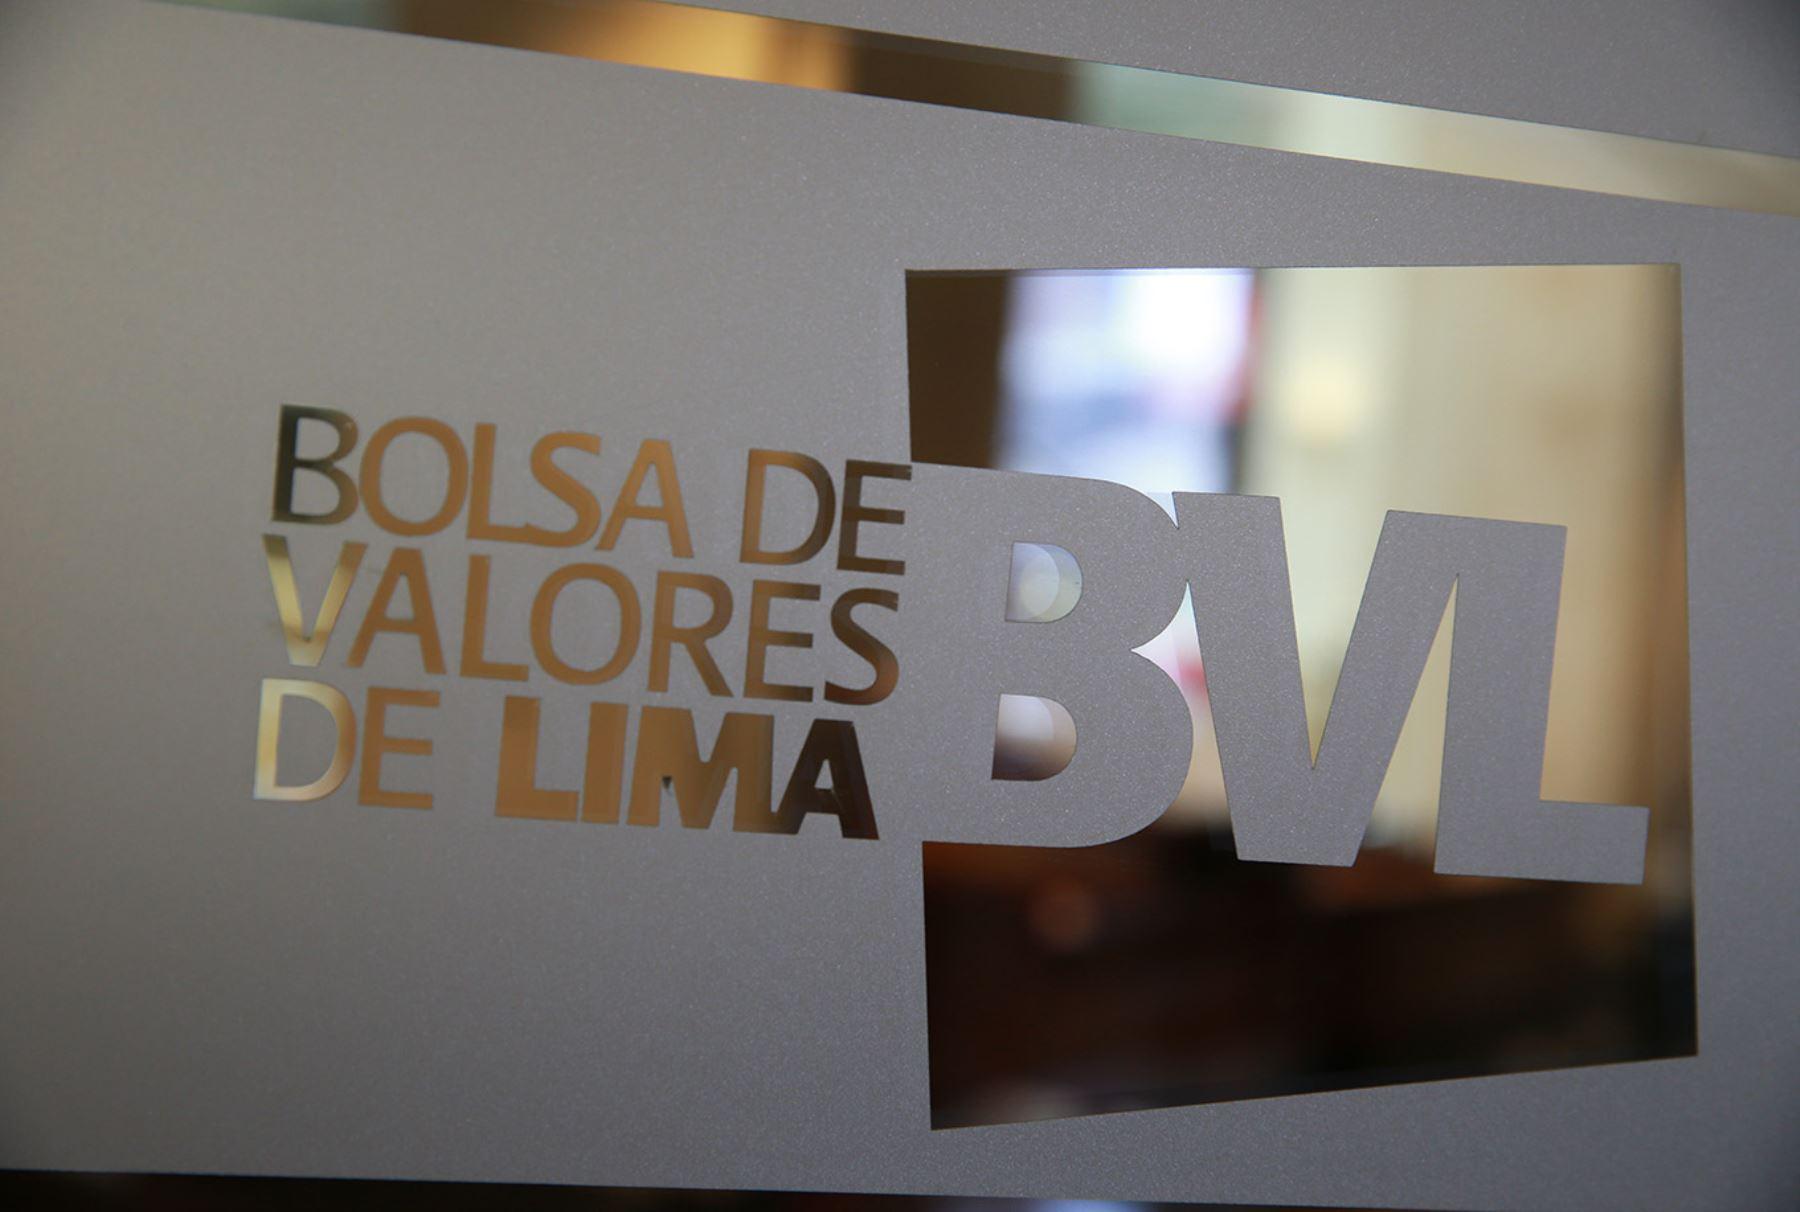 BVL: los posibles escenarios de una reclasificación a mercado frontera